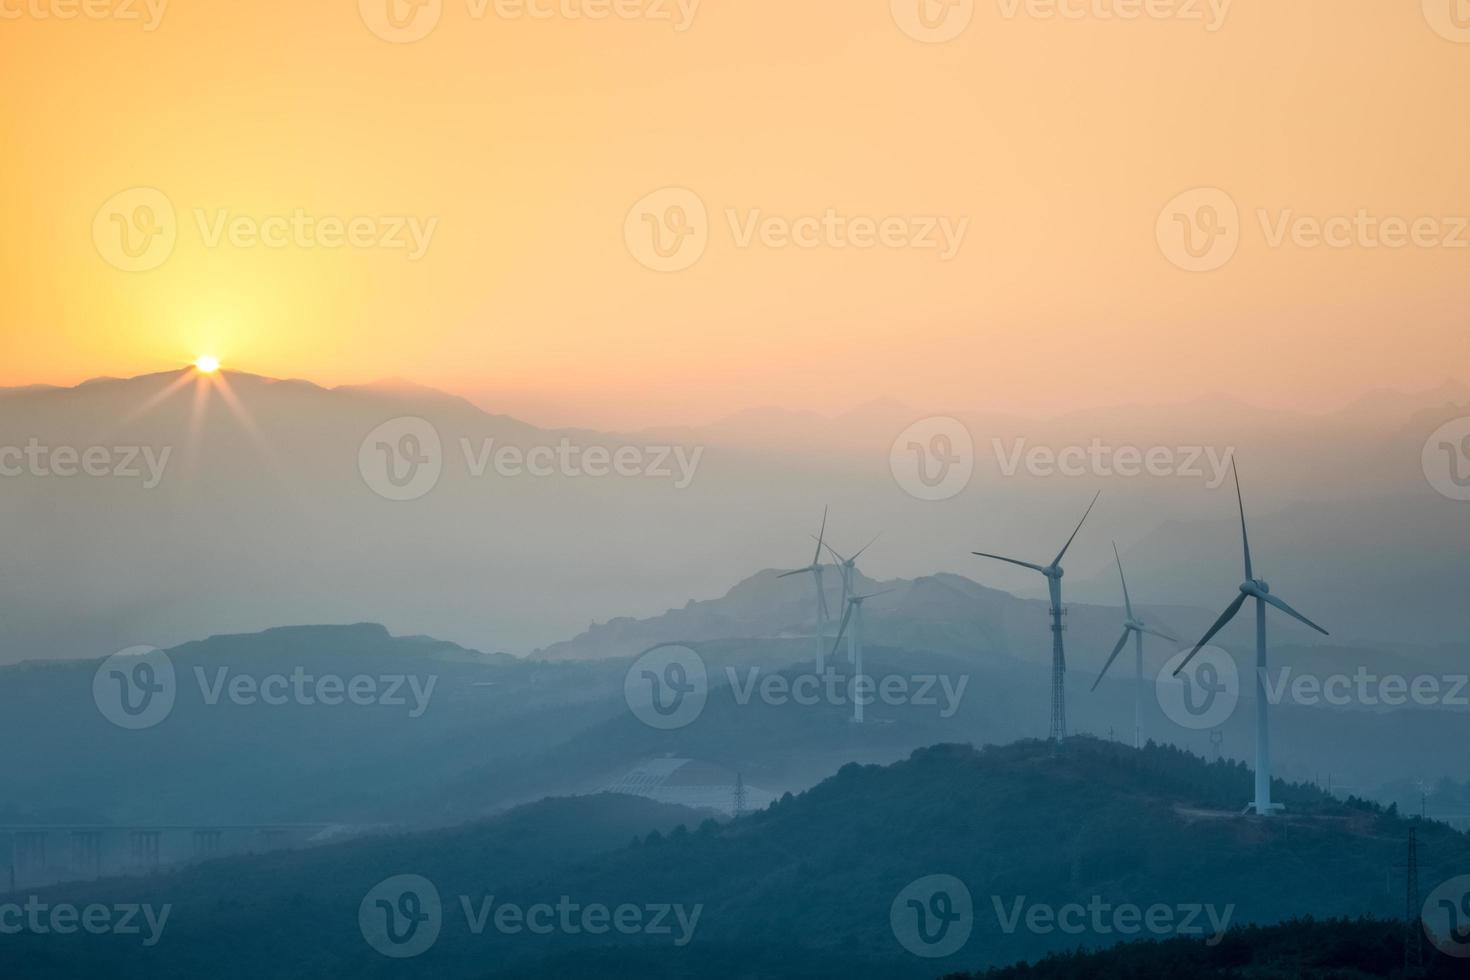 parque eólico no pôr do sol foto